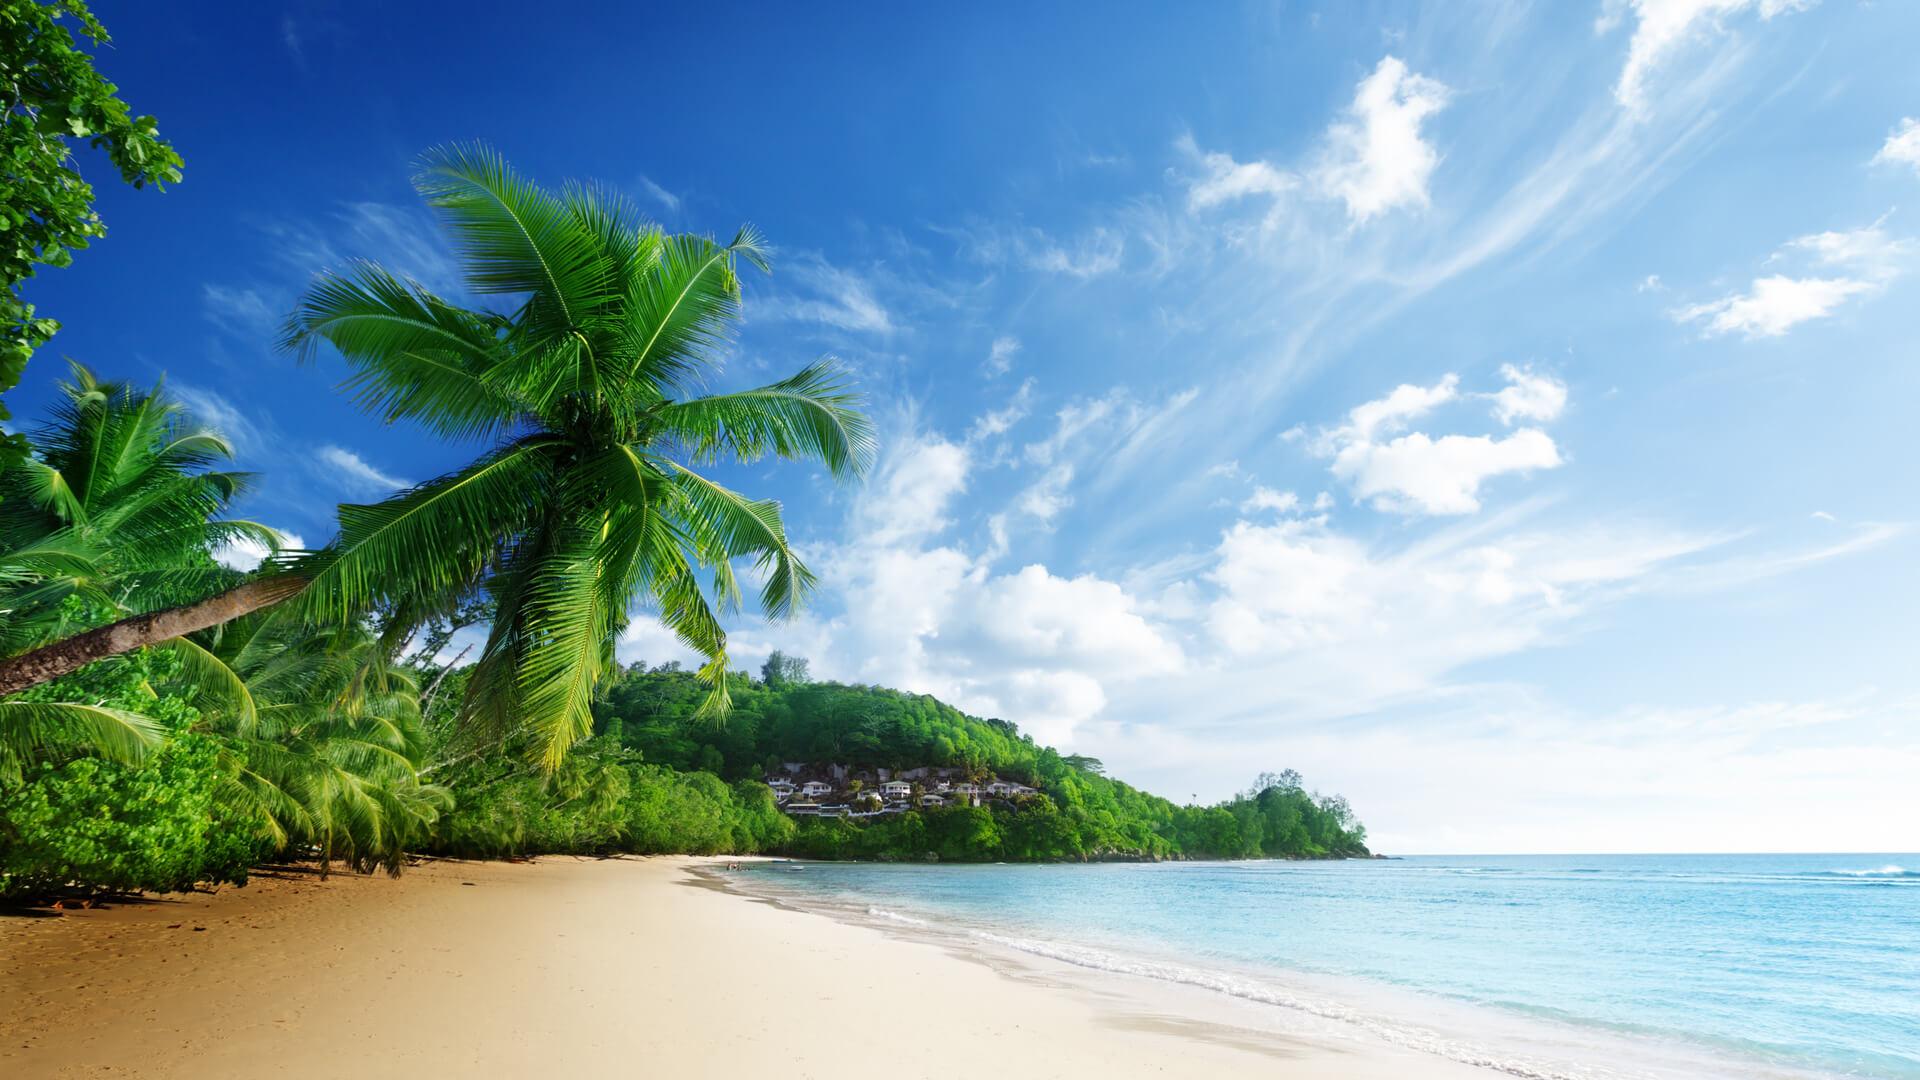 Красивые картинки пляжа для рабочего стола - подборка 8